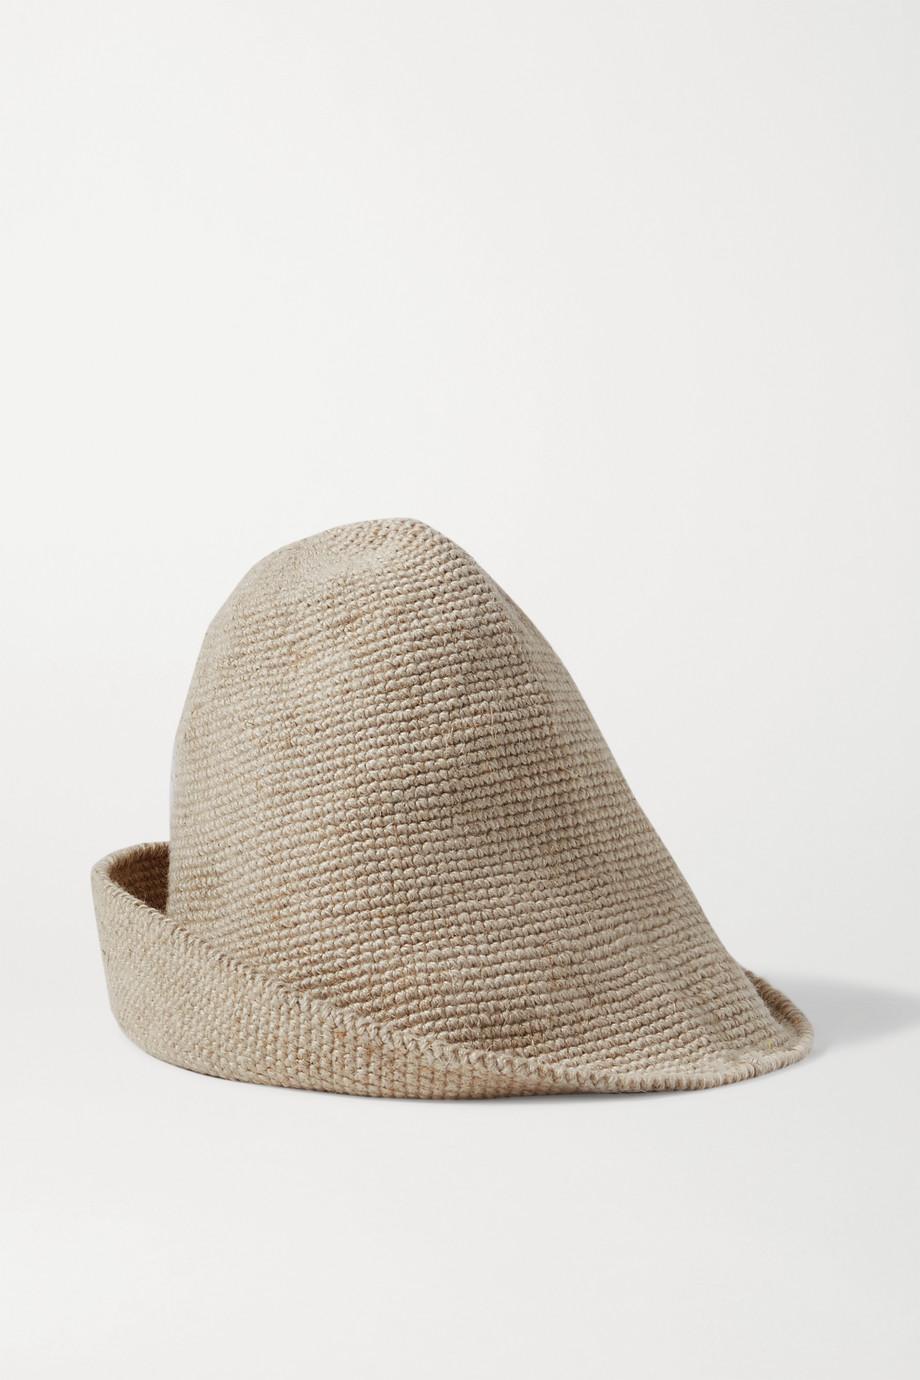 Lauren Manoogian Bell 羊毛亚麻混纺帽子